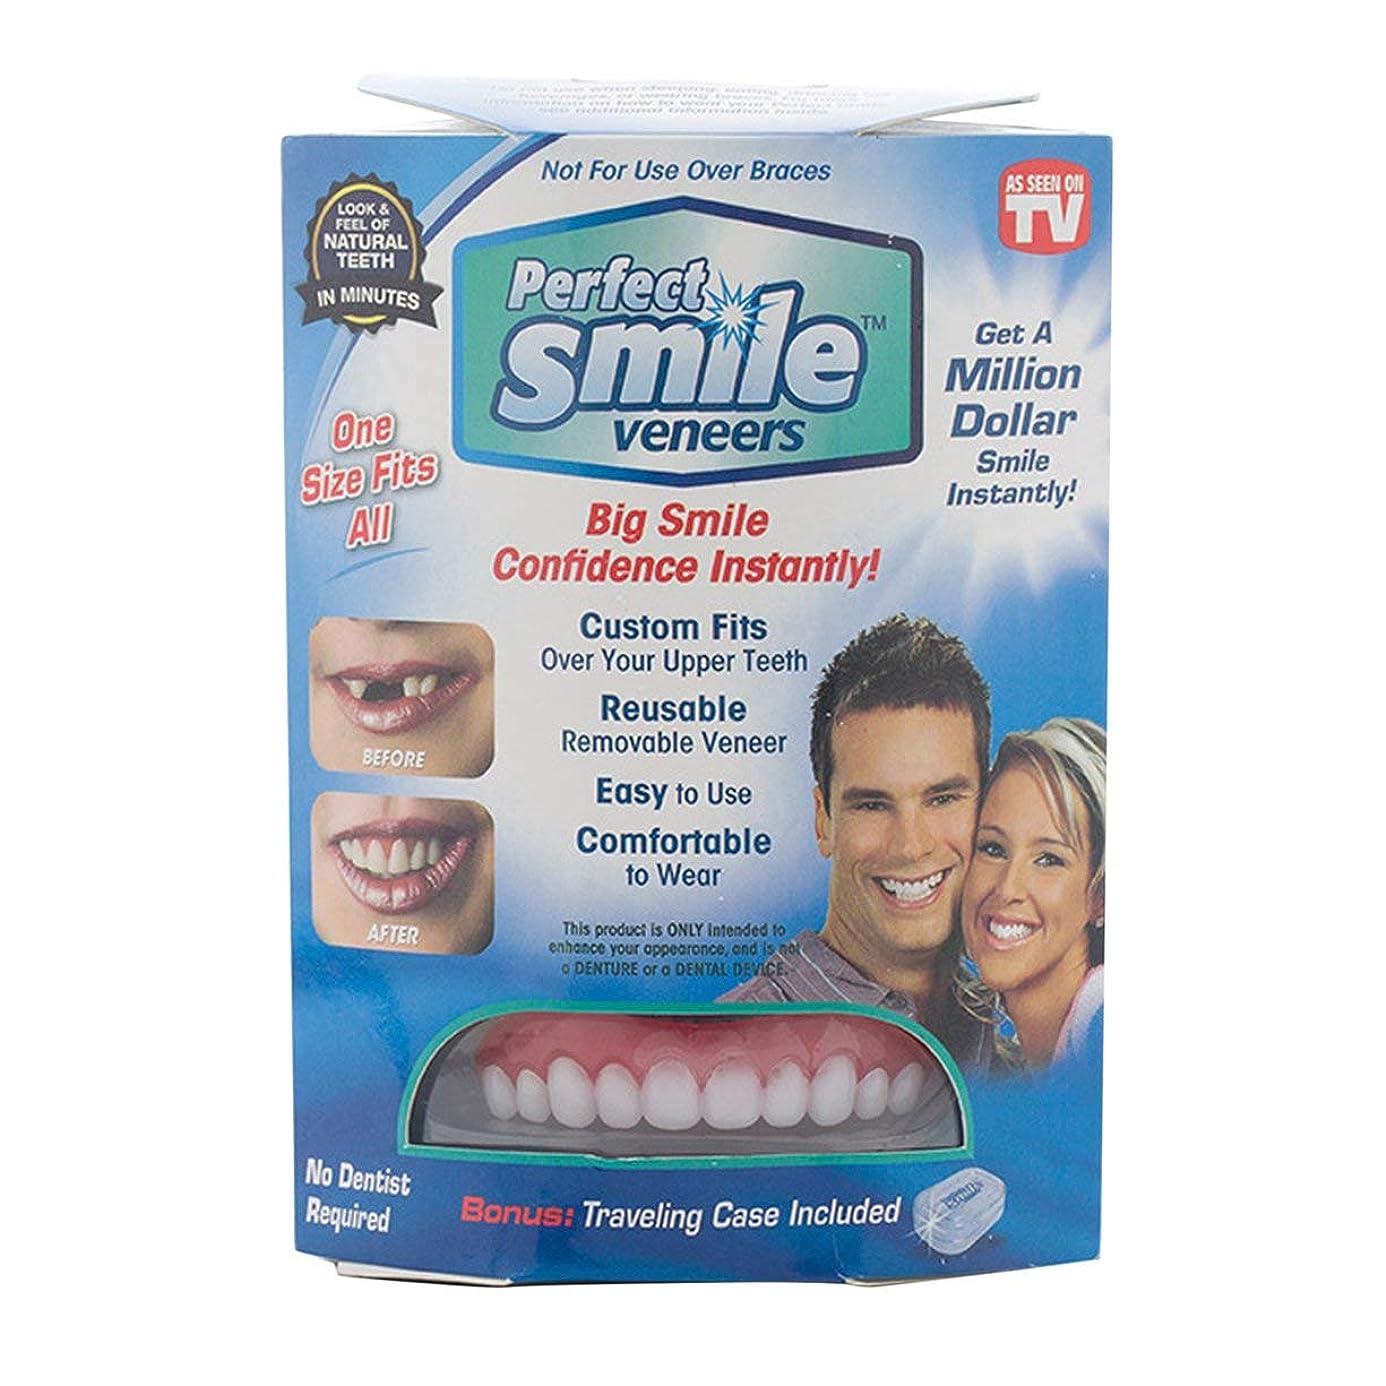 忠実になめらかな突撃完璧なインスタントスマイルコンフォートフレックス歯ホワイトニング入れ歯ペースト偽歯アッパー化粧品突き板歯カバー美容ツール - ホワイト&レッド